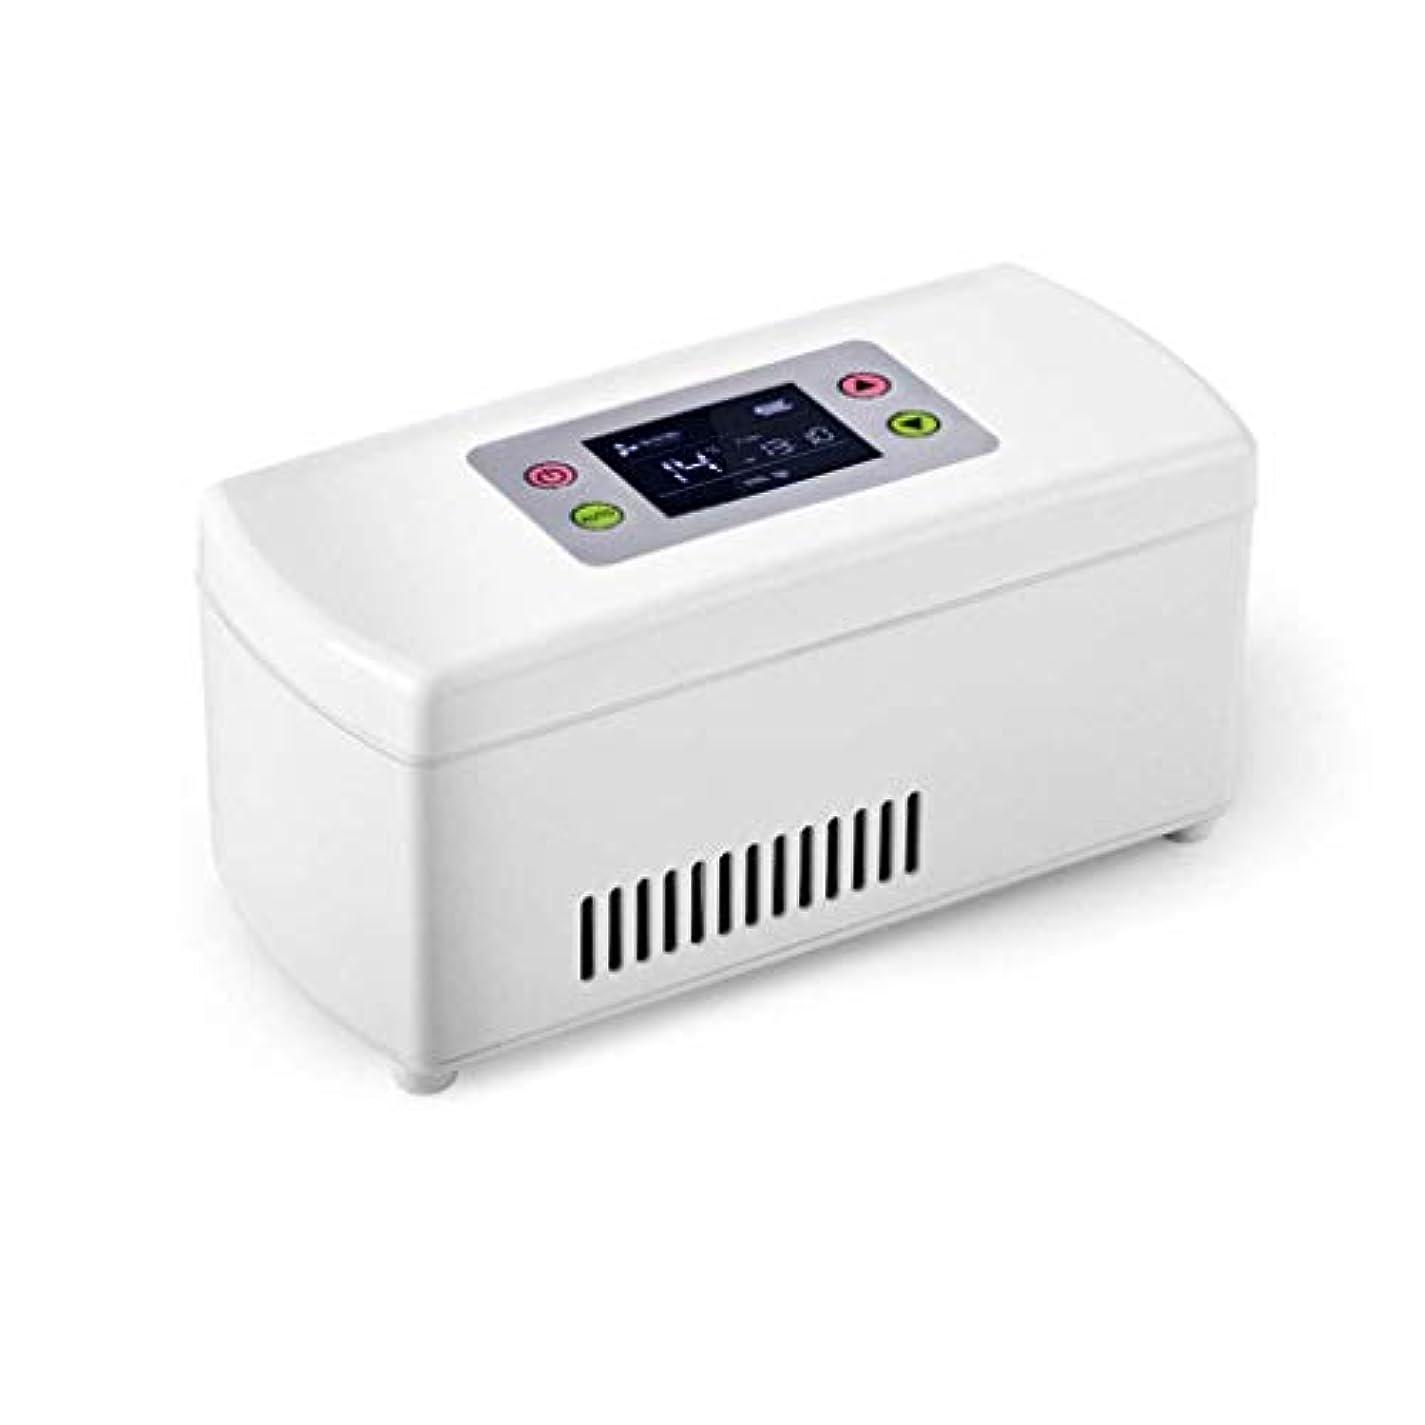 お互い順応性枯渇するインスリンクーラー、ポータブルインスリン冷蔵ボックス、ミニドラッグストレージ冷蔵庫、自動車および家庭用の2-8℃のインスリンクーラートラベルケース(WYJJJJJ)